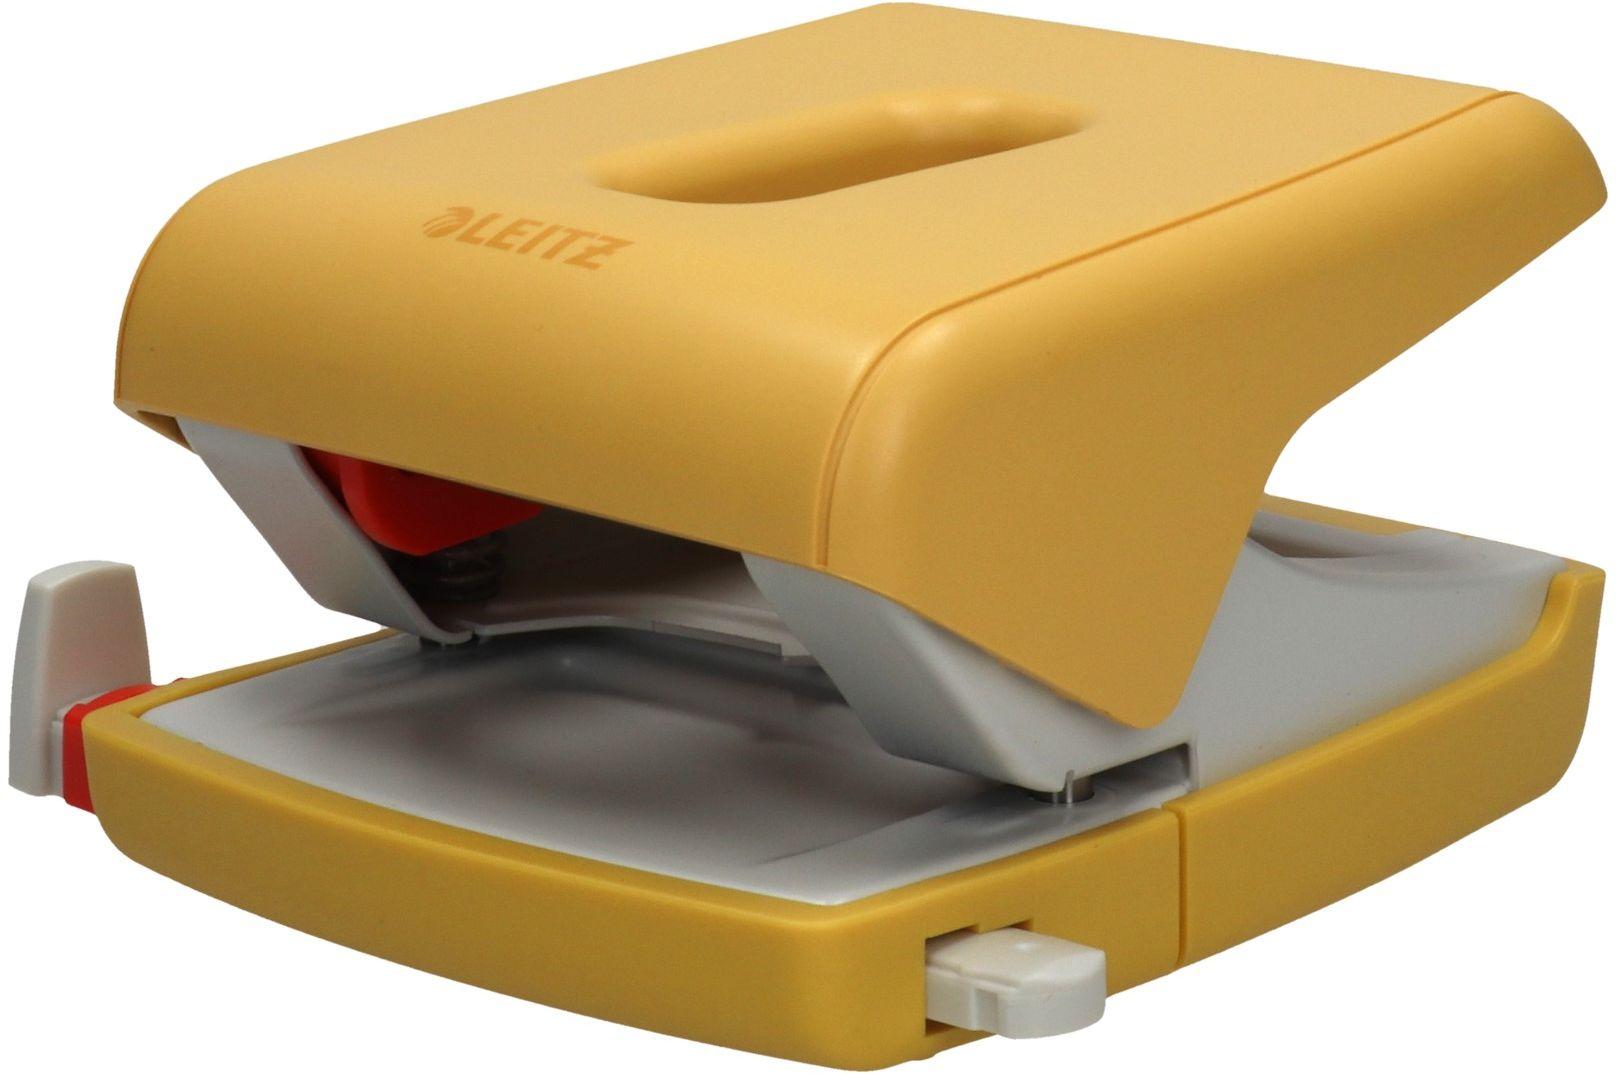 Dziurkacz 30k żółty Leitz Cosy 50040019